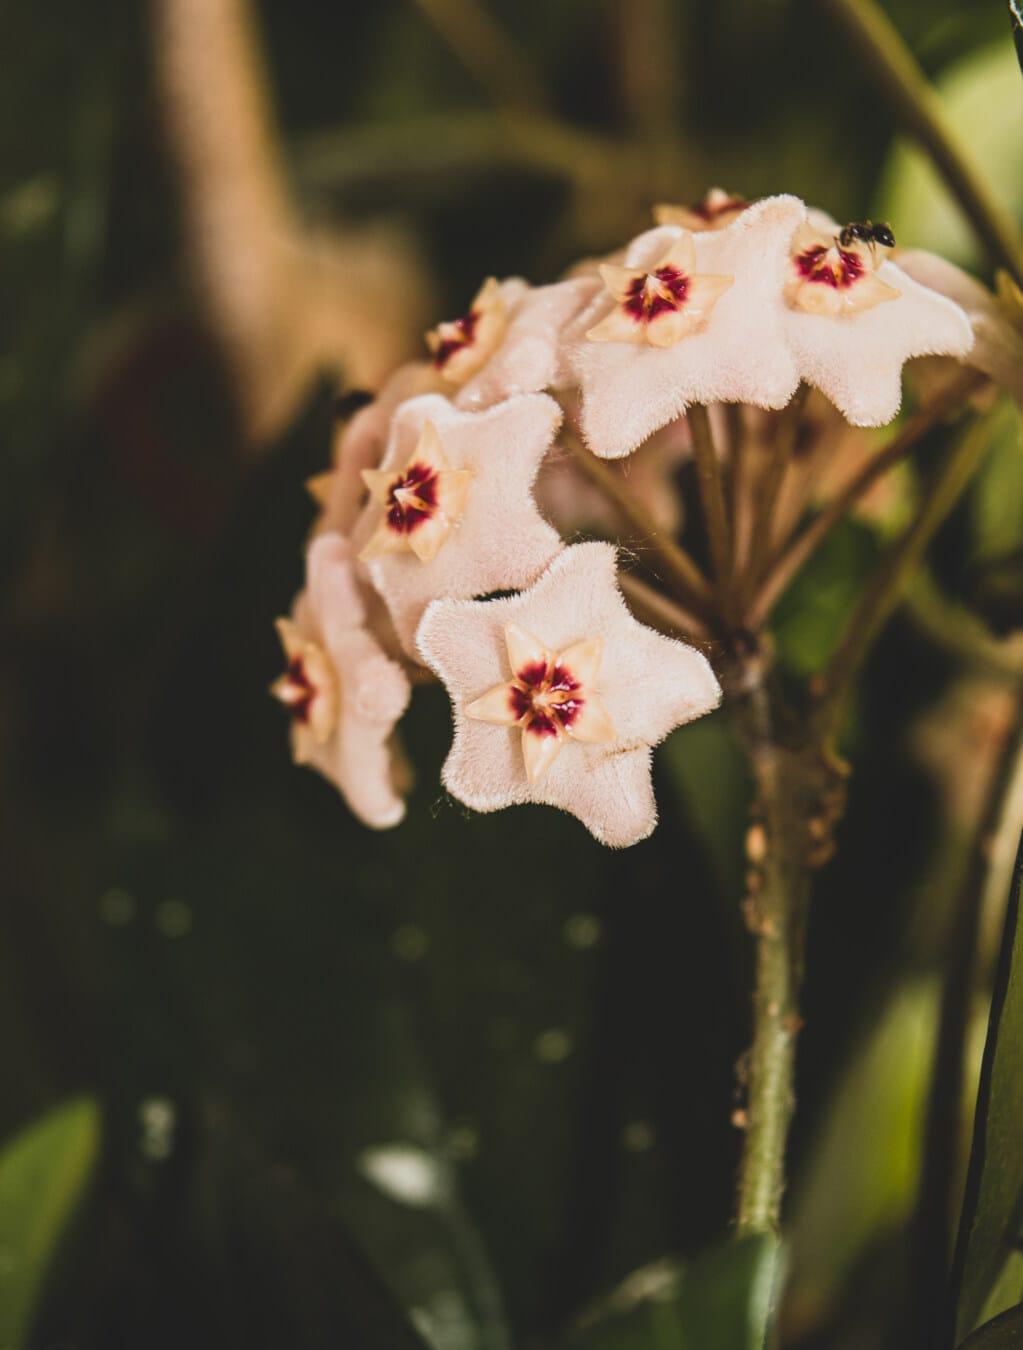 fleur blanche, petit, nectar, exotique, tropical, fleur, nature, feuille, brouiller, à l'extérieur